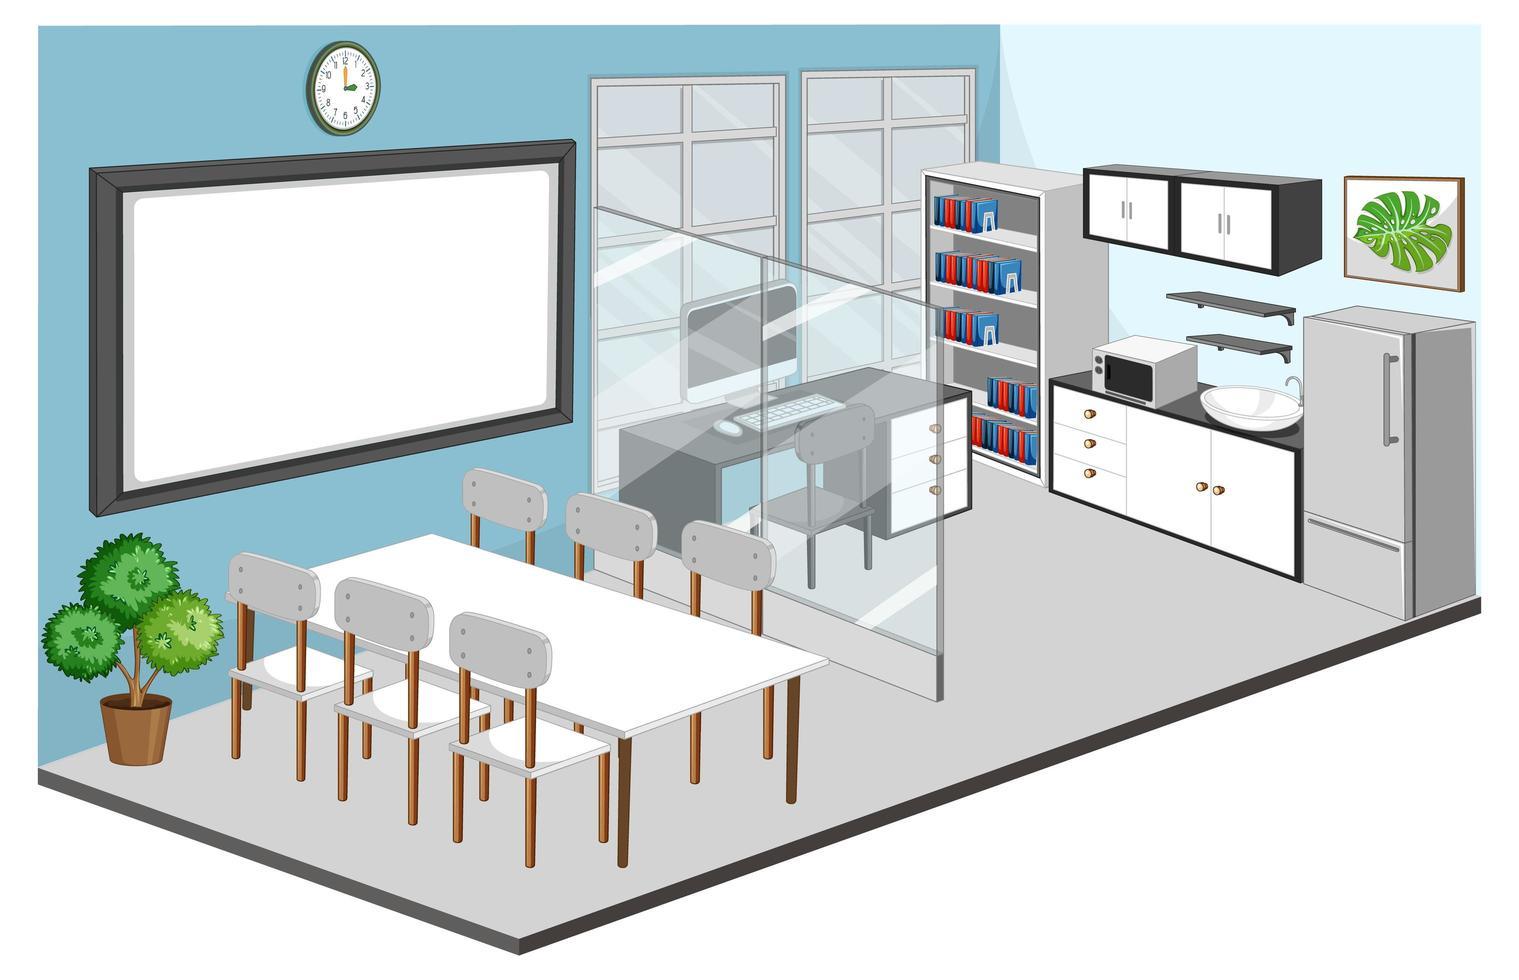 sala de escritório e interior de sala de reunião com móveis vetor